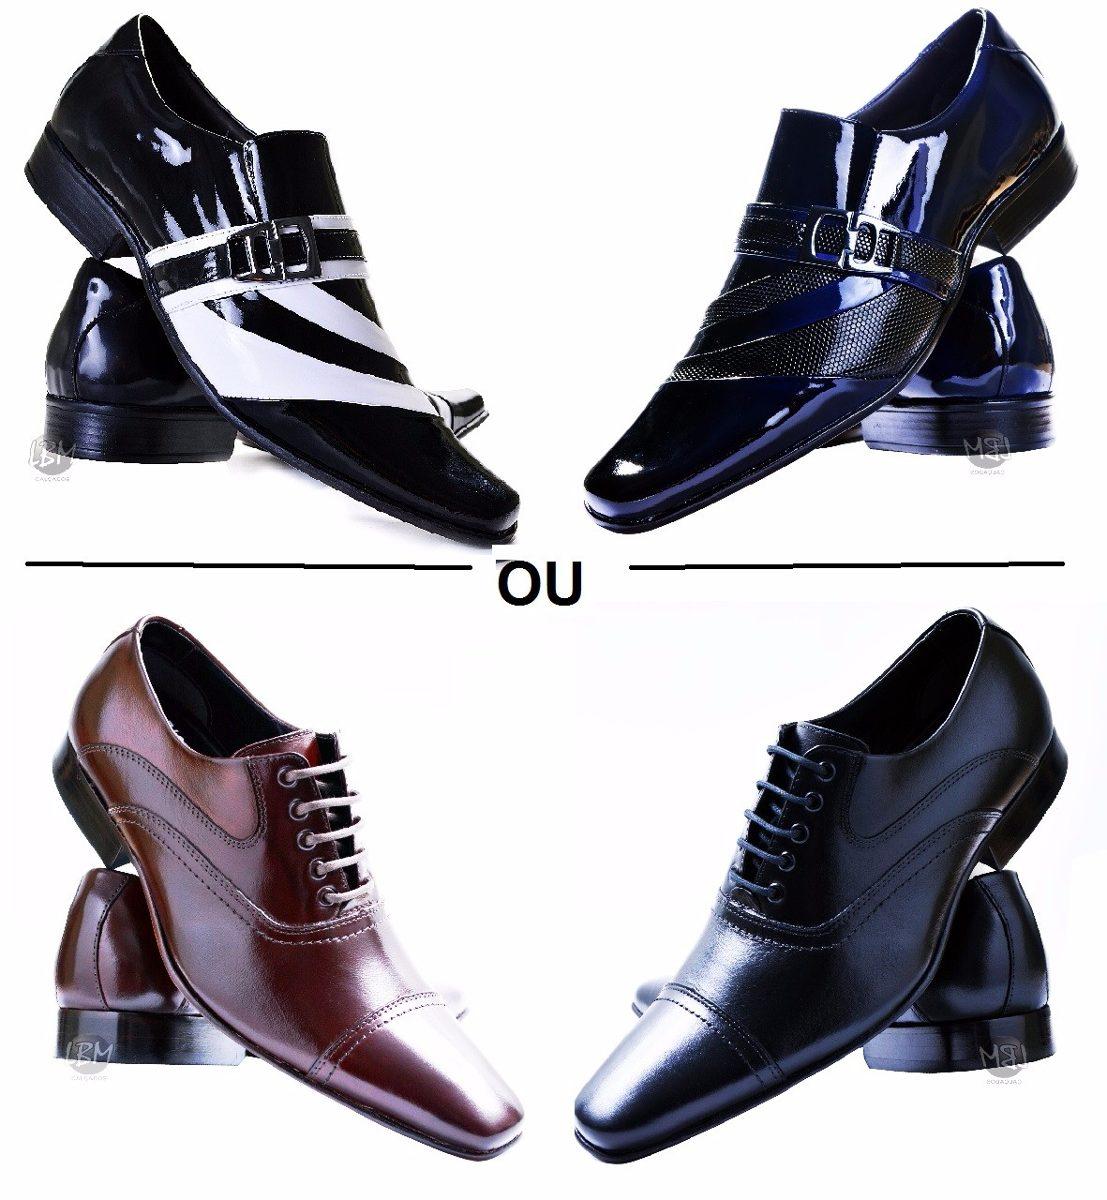 23a4b2563 Sapato Social Masculino No Atacado 2 Pares Promoção - R$ 319,79 em ...